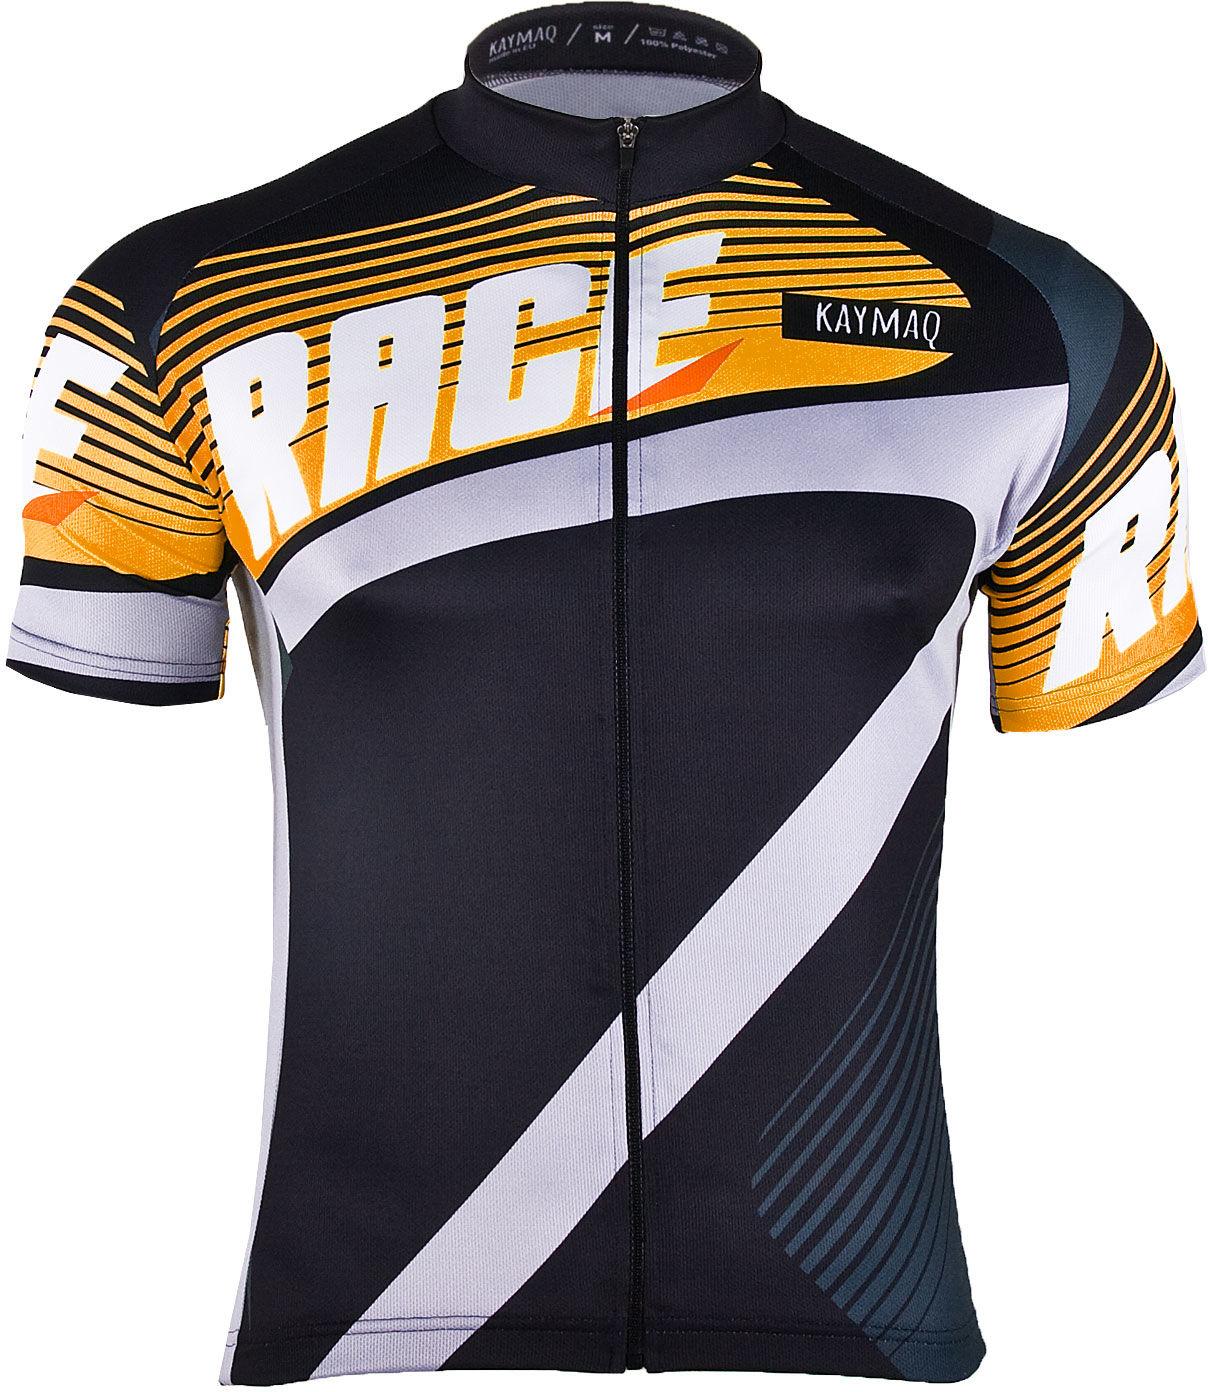 KAYMAQ M20 RACE męska koszulka rowerowa z krótkim rękawem pomarańczowa Rozmiar: L,kaymaqm20racepoma